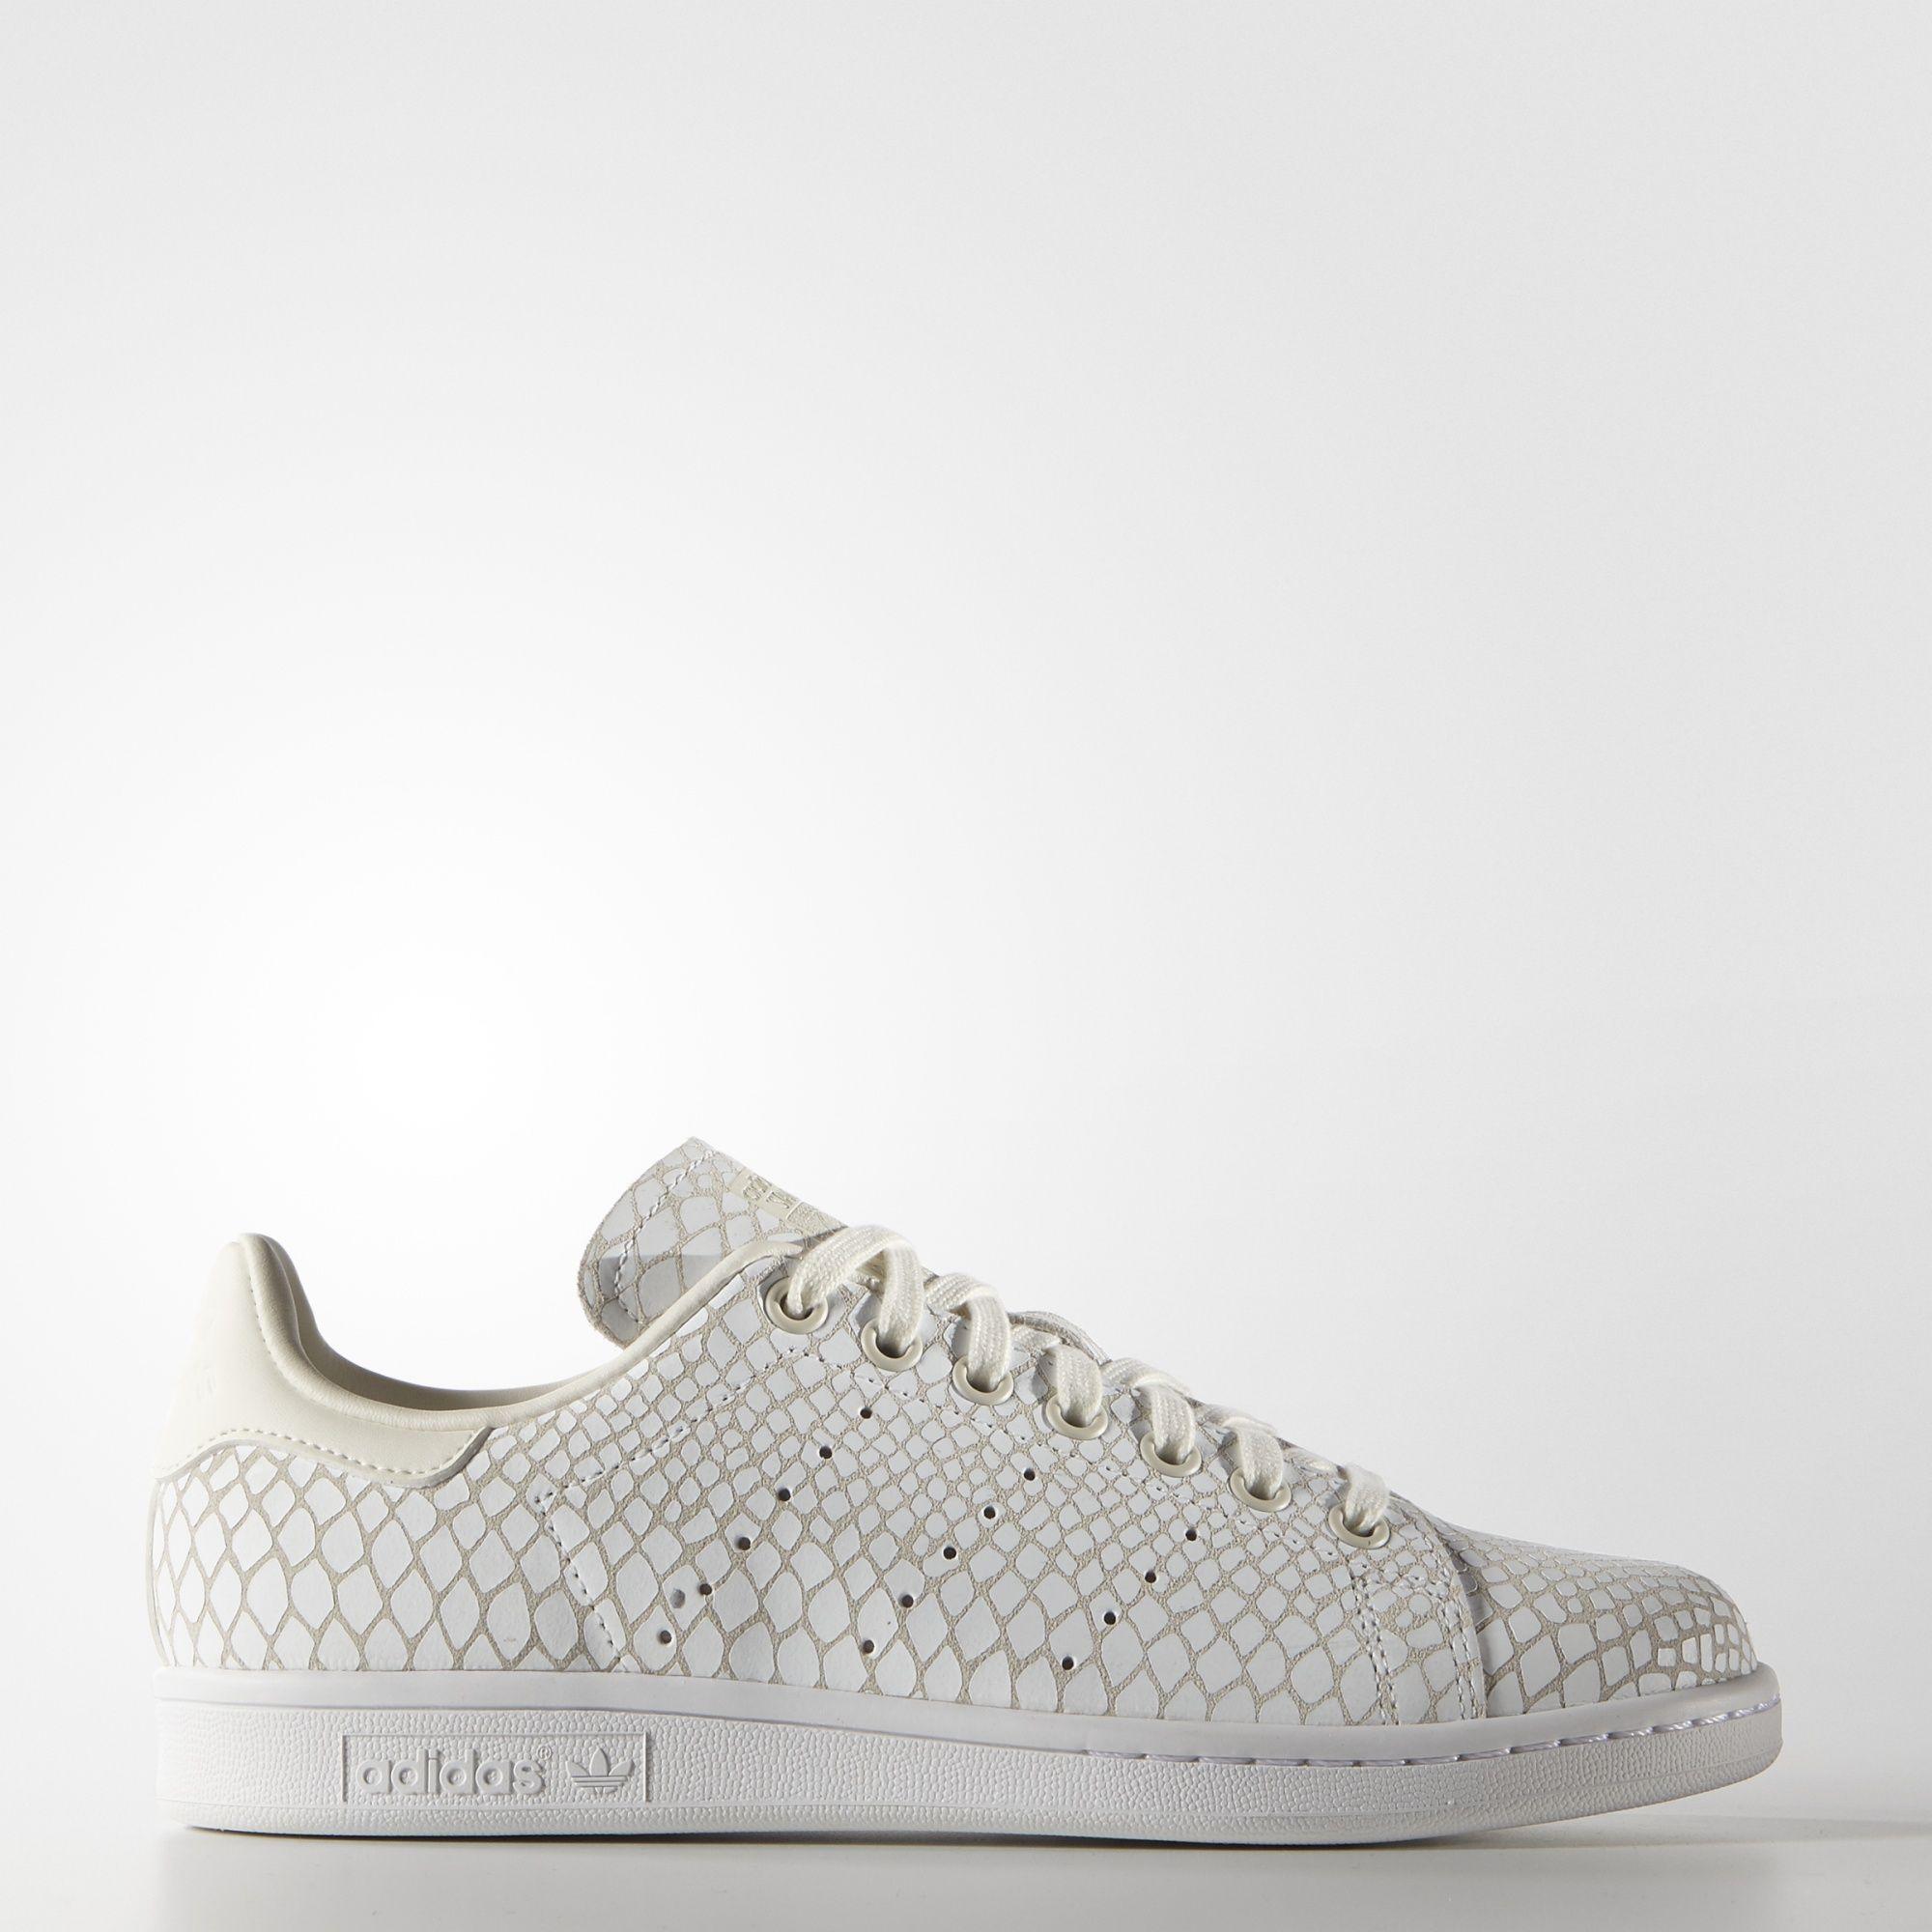 adidas zapatillas mujer piel blanca